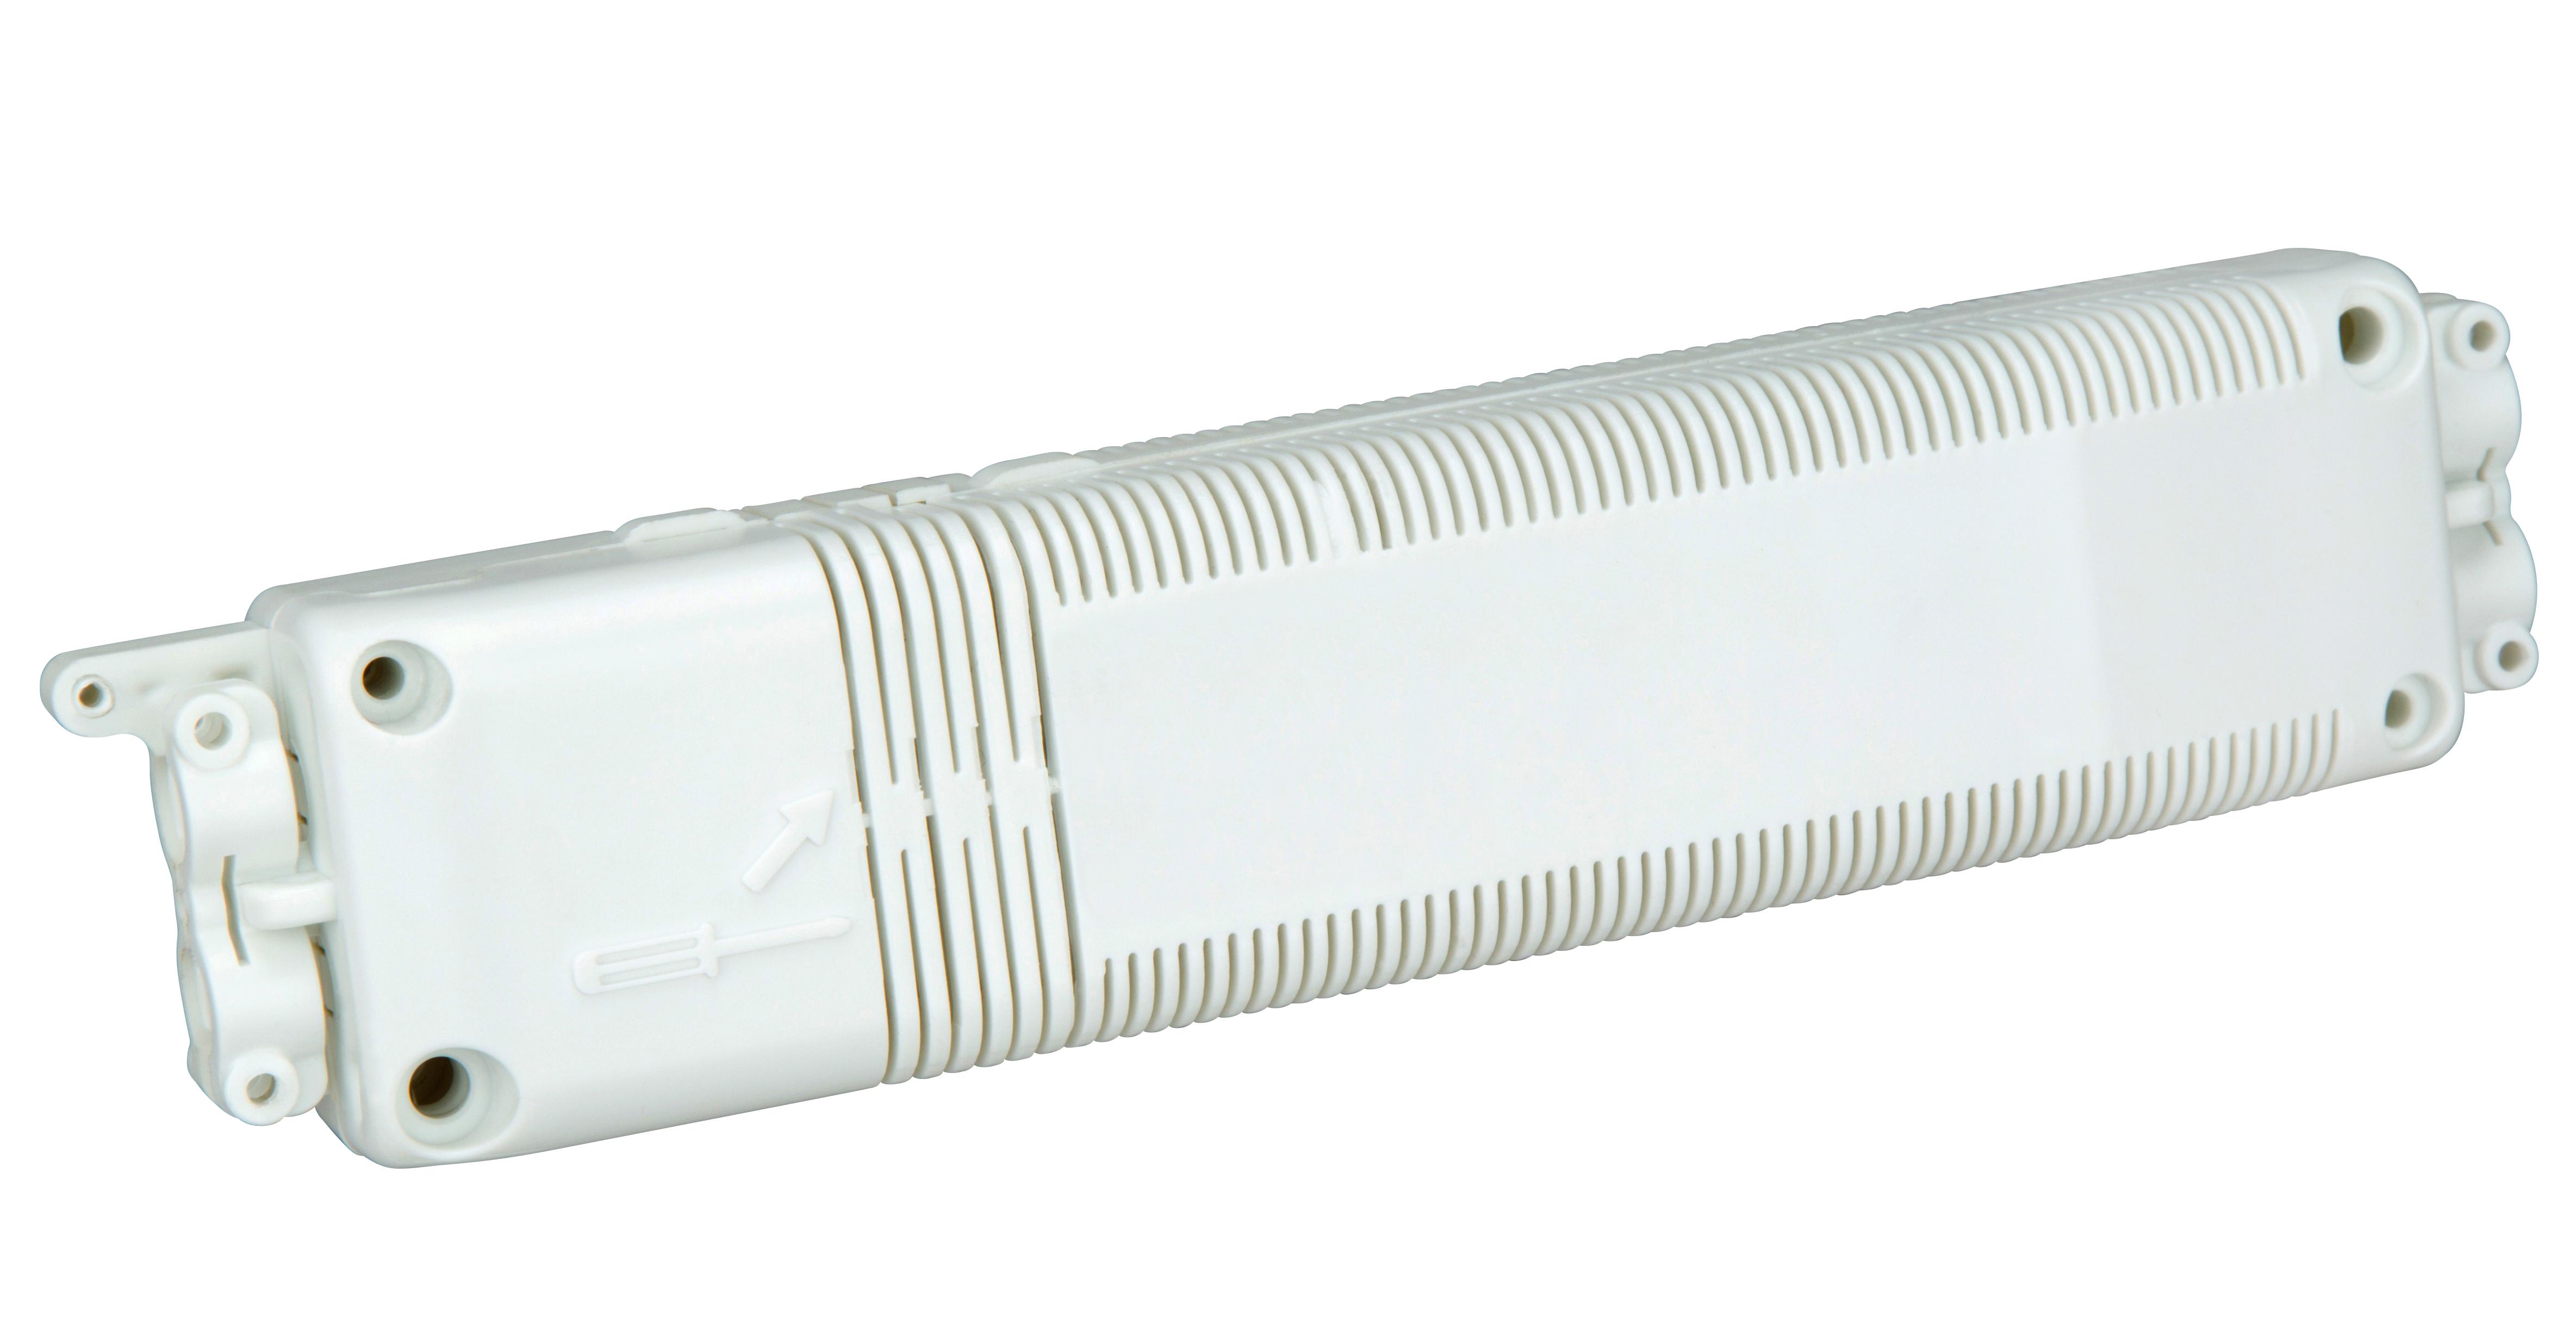 1 Stk Umhausung für EVG, PC+ABS, UV-Schutz, schwer entflammbar NLUHBOX---